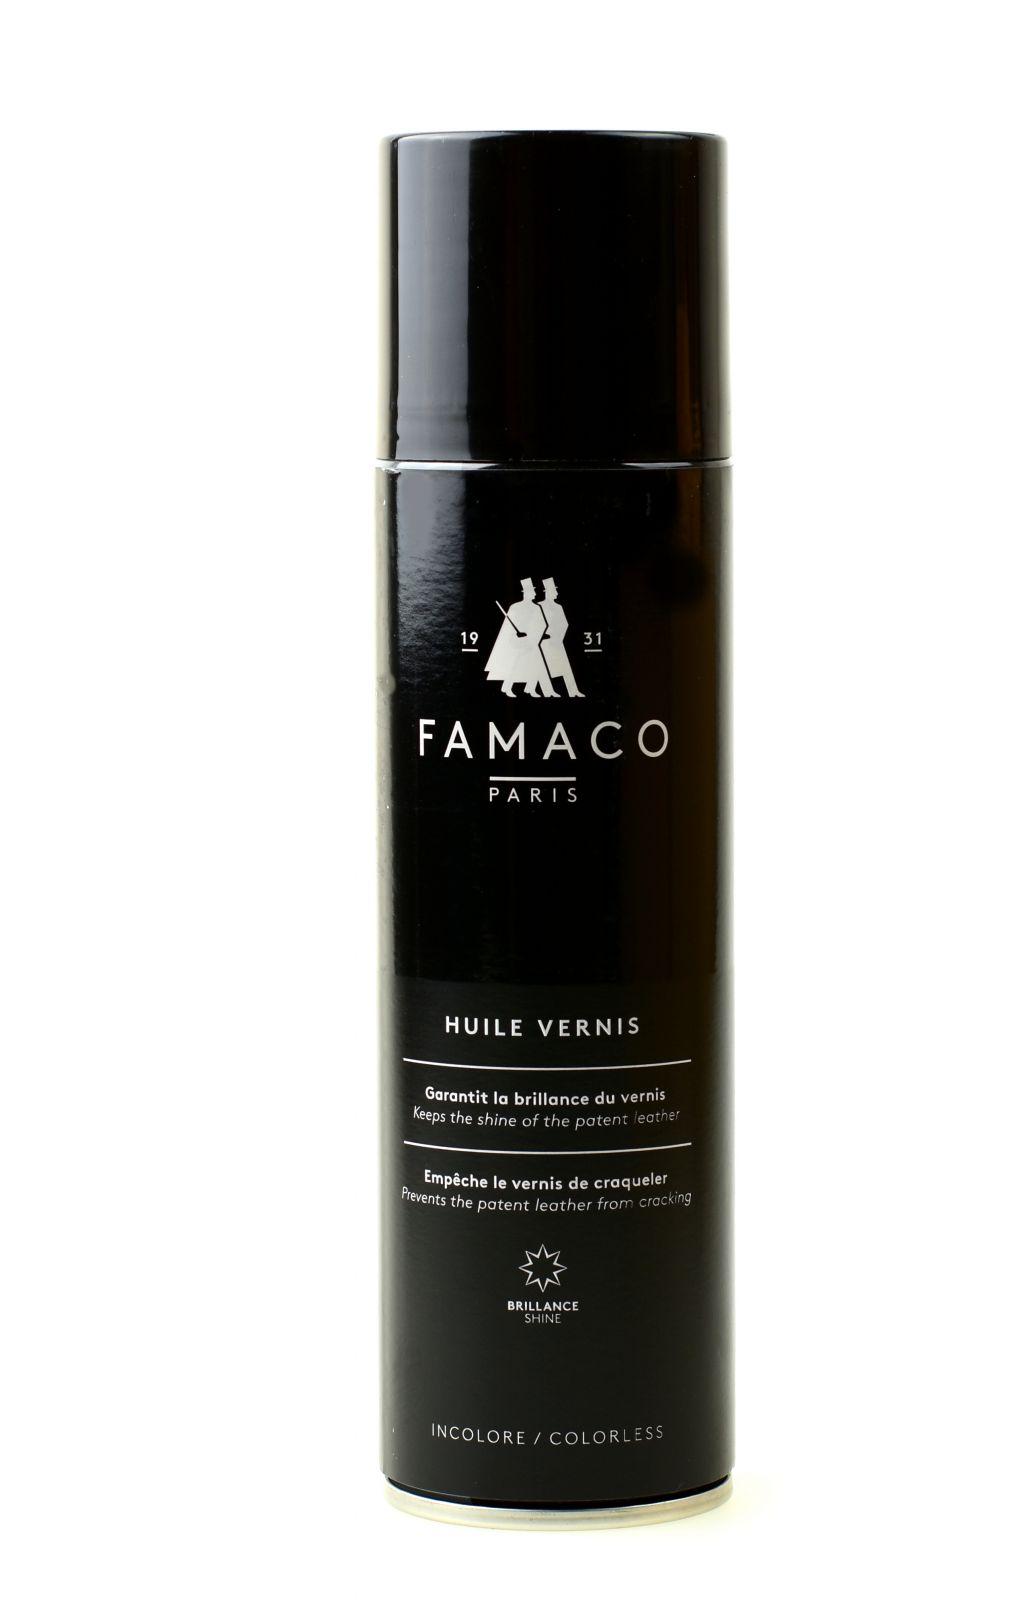 Ošetření lakované kůže Famaco